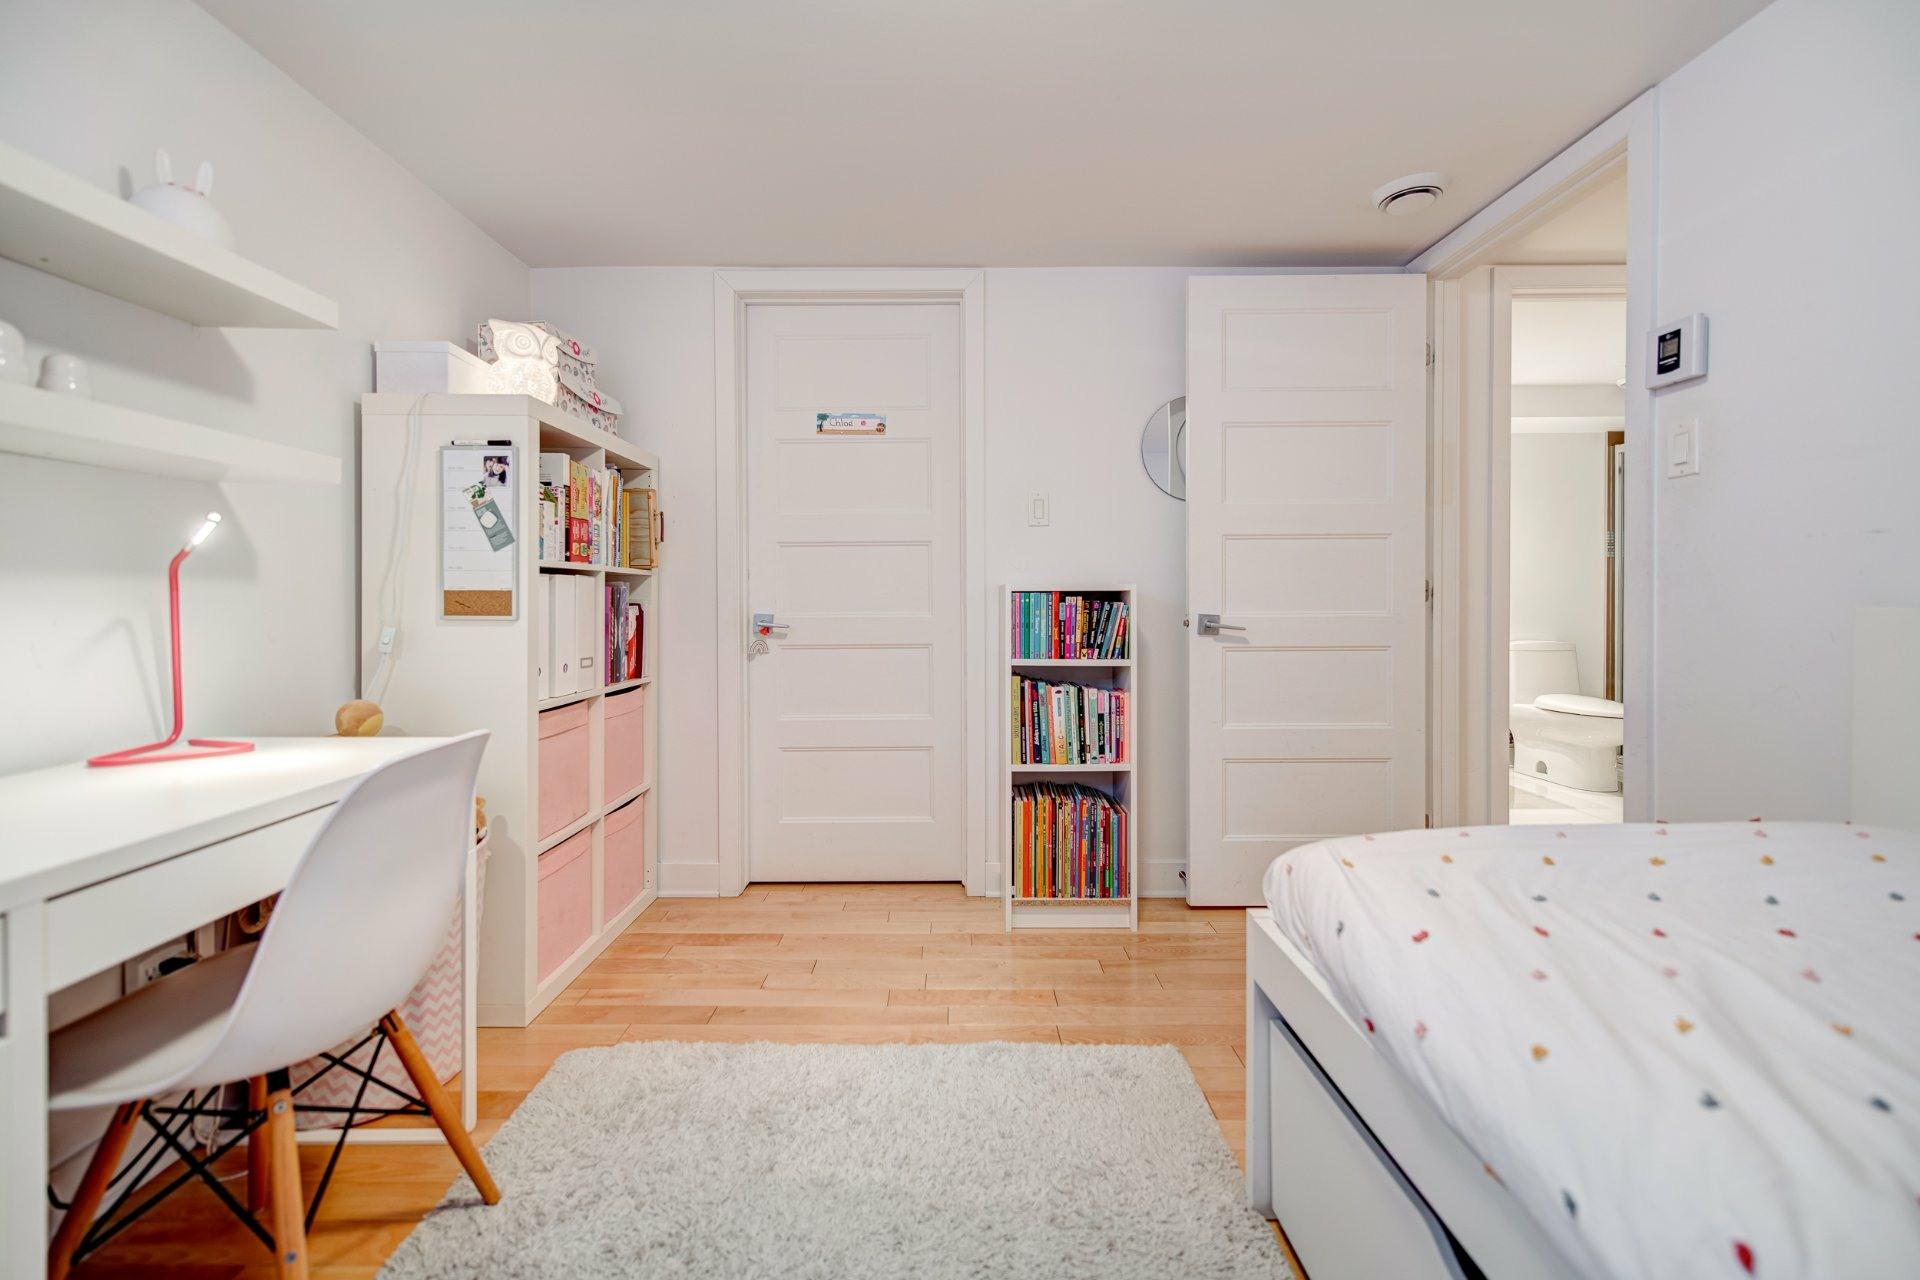 image 24 - Apartment For sale Rosemont/La Petite-Patrie Montréal  - 6 rooms